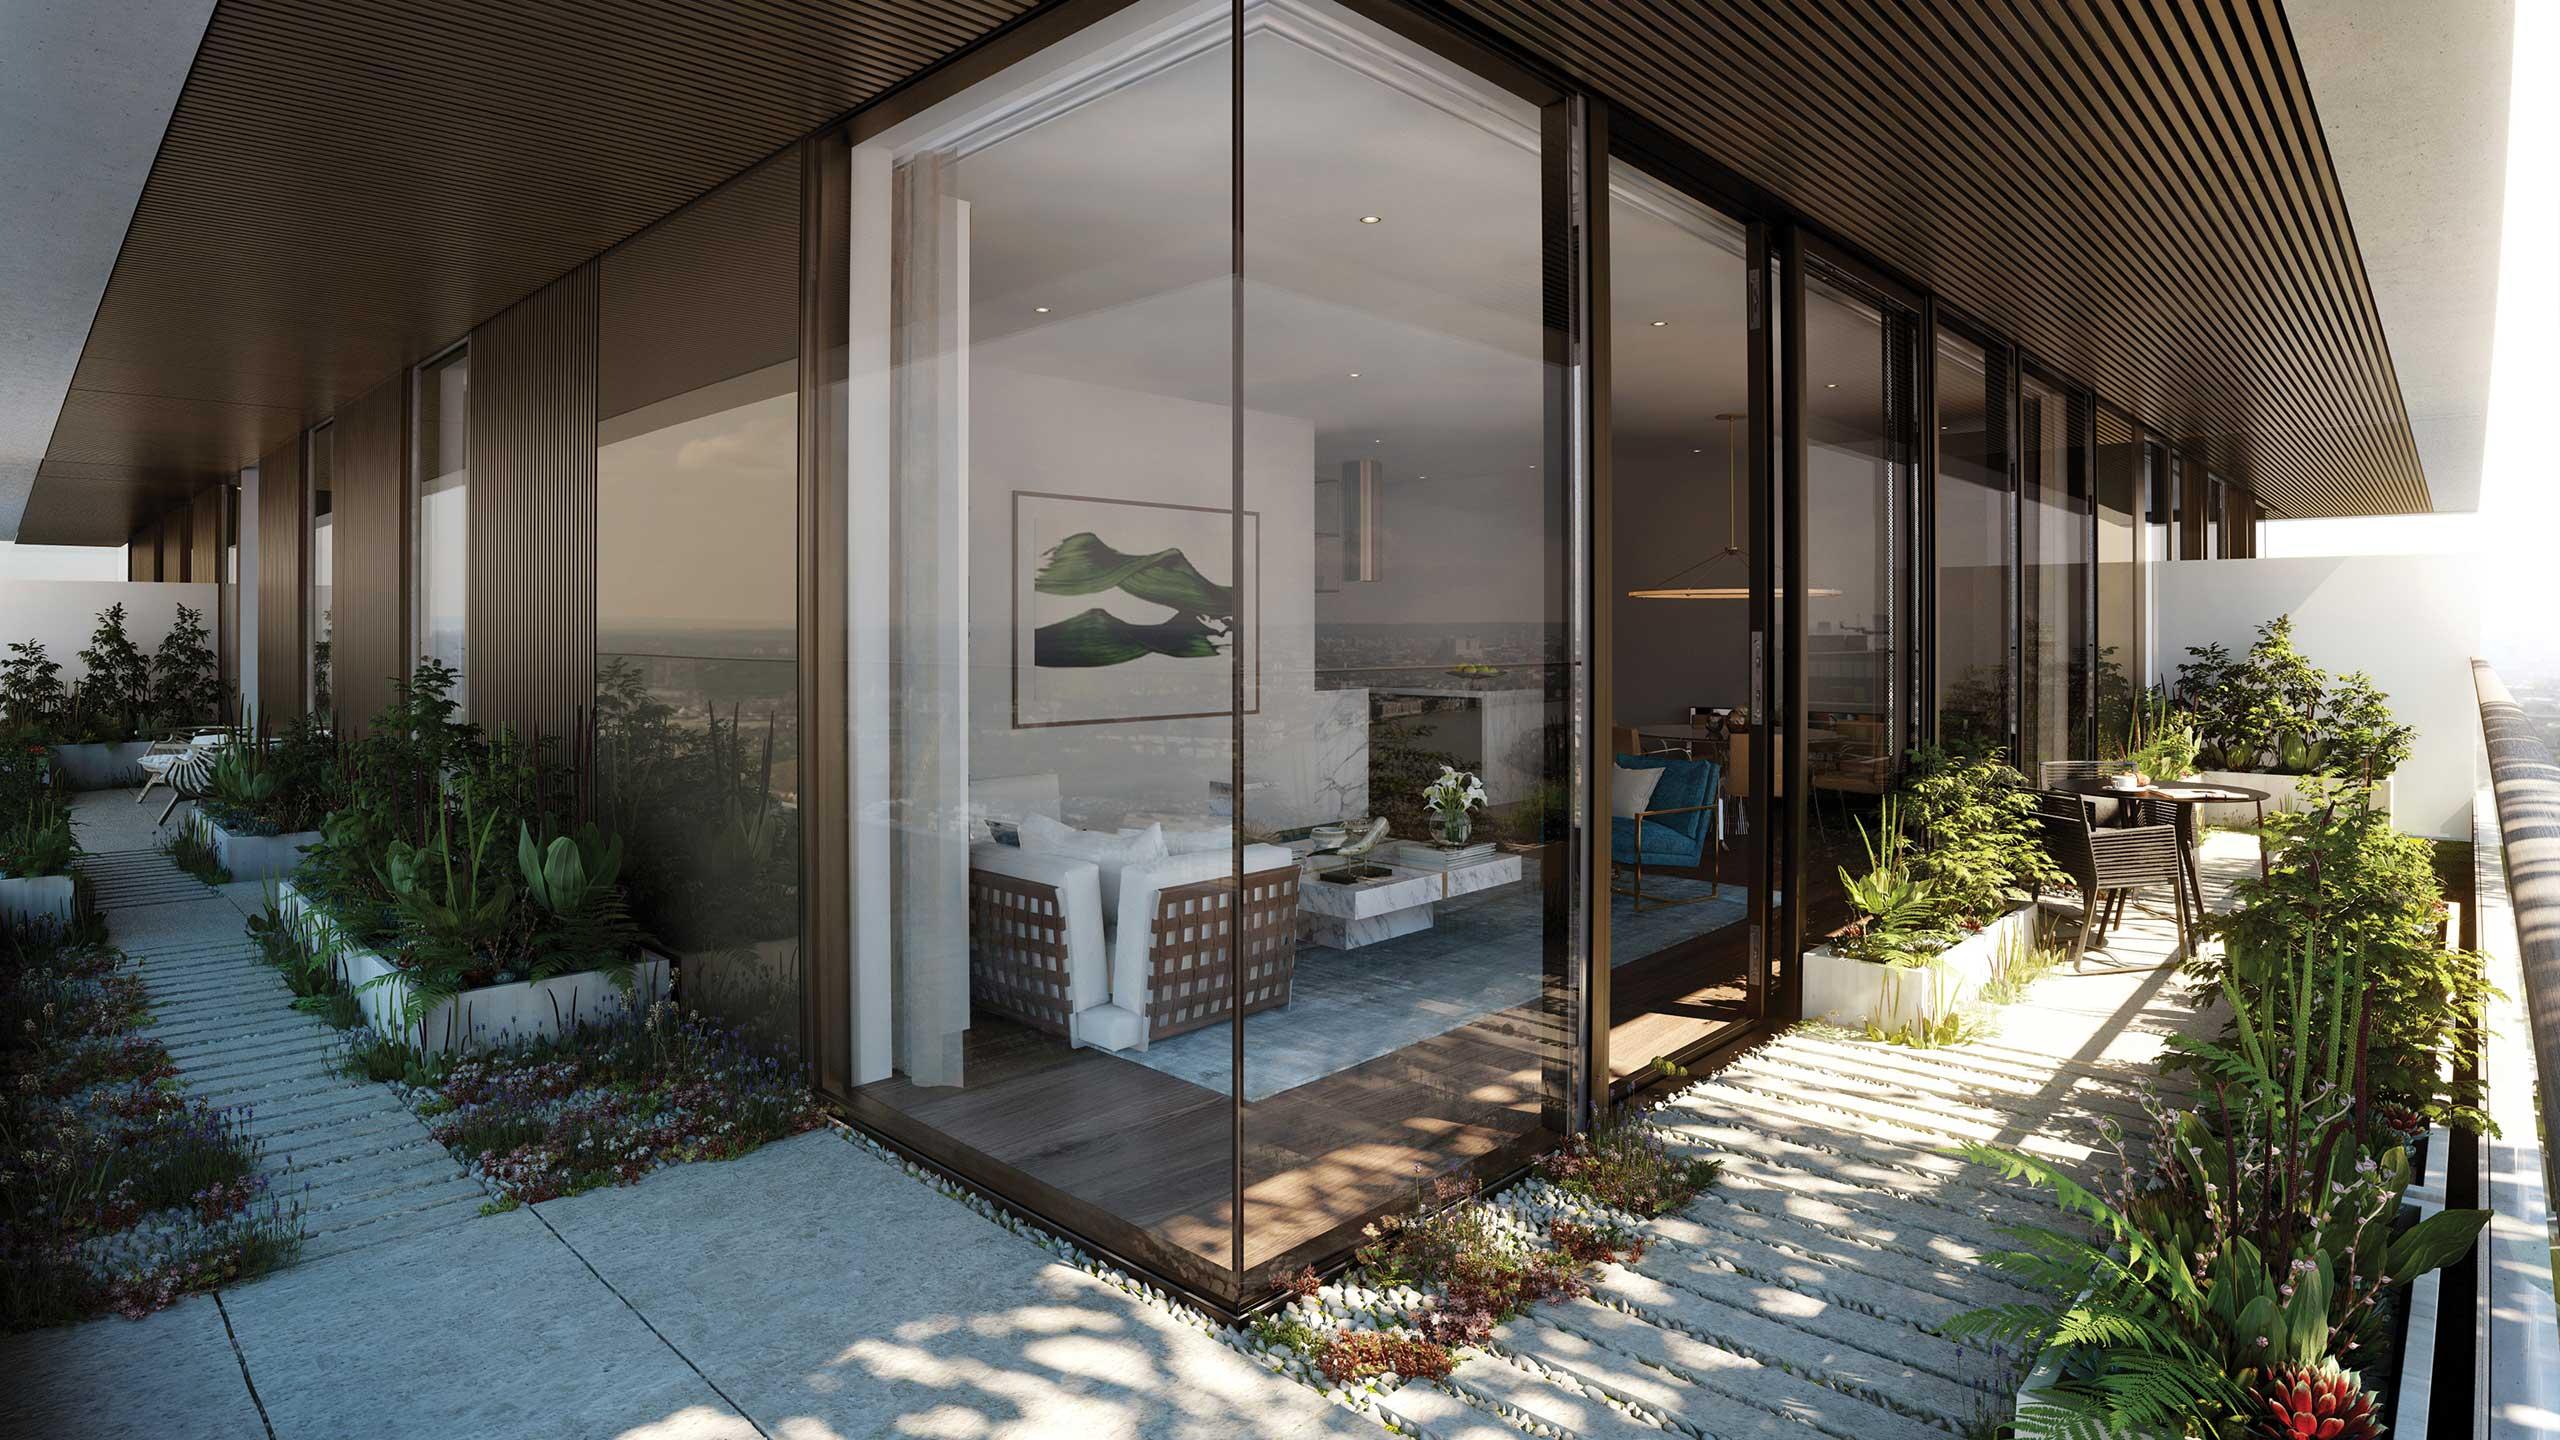 不妨尝试将落地玻璃的面积再增加一些,选择细铁框玻璃,运用转角增加室内看到室外的面积,空间看起来更通透,即便是摆在阳台的植物也能达到妆点屋内的效果。